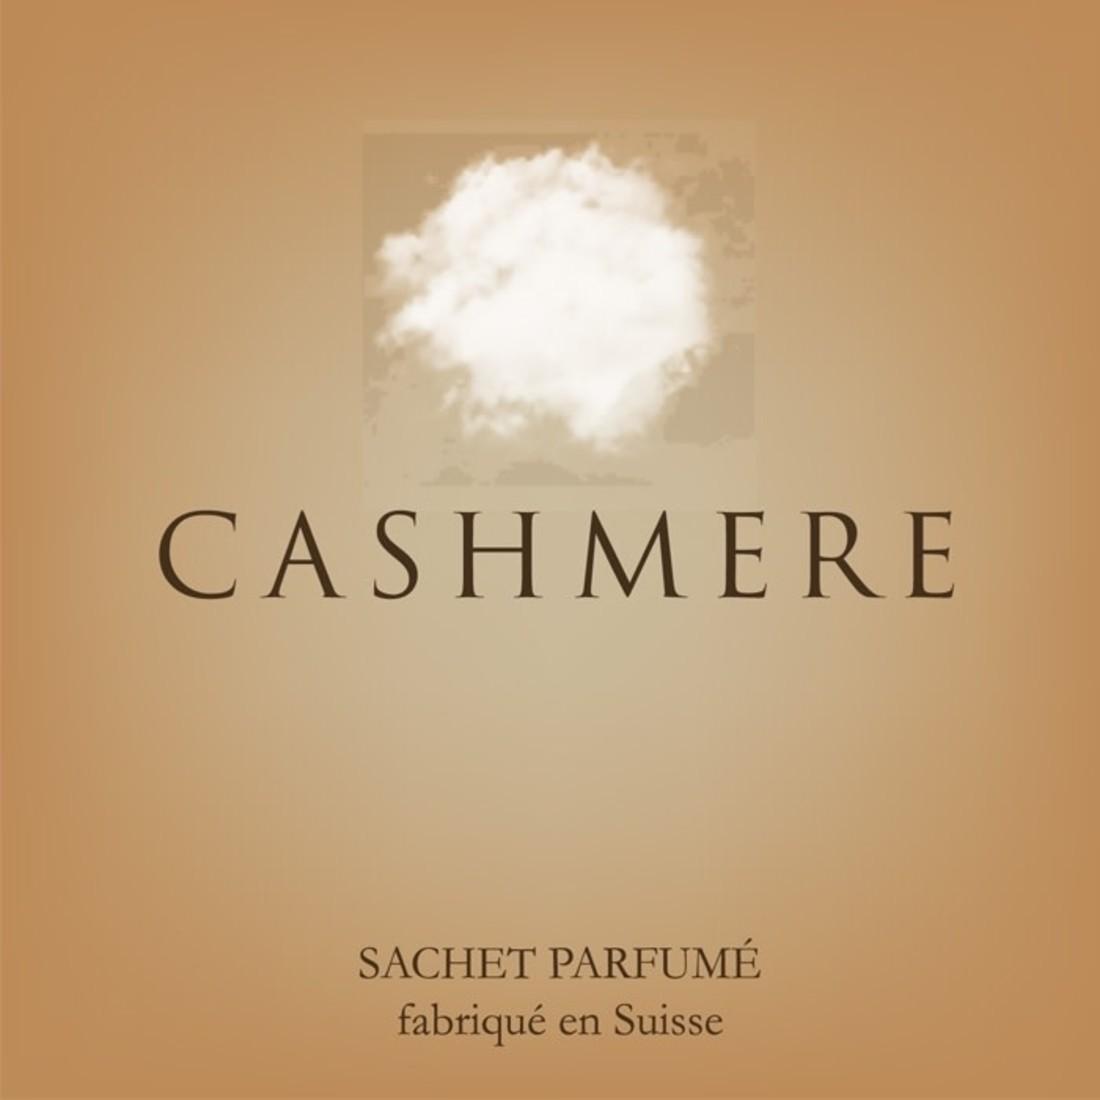 Duftsachet - Cashmere